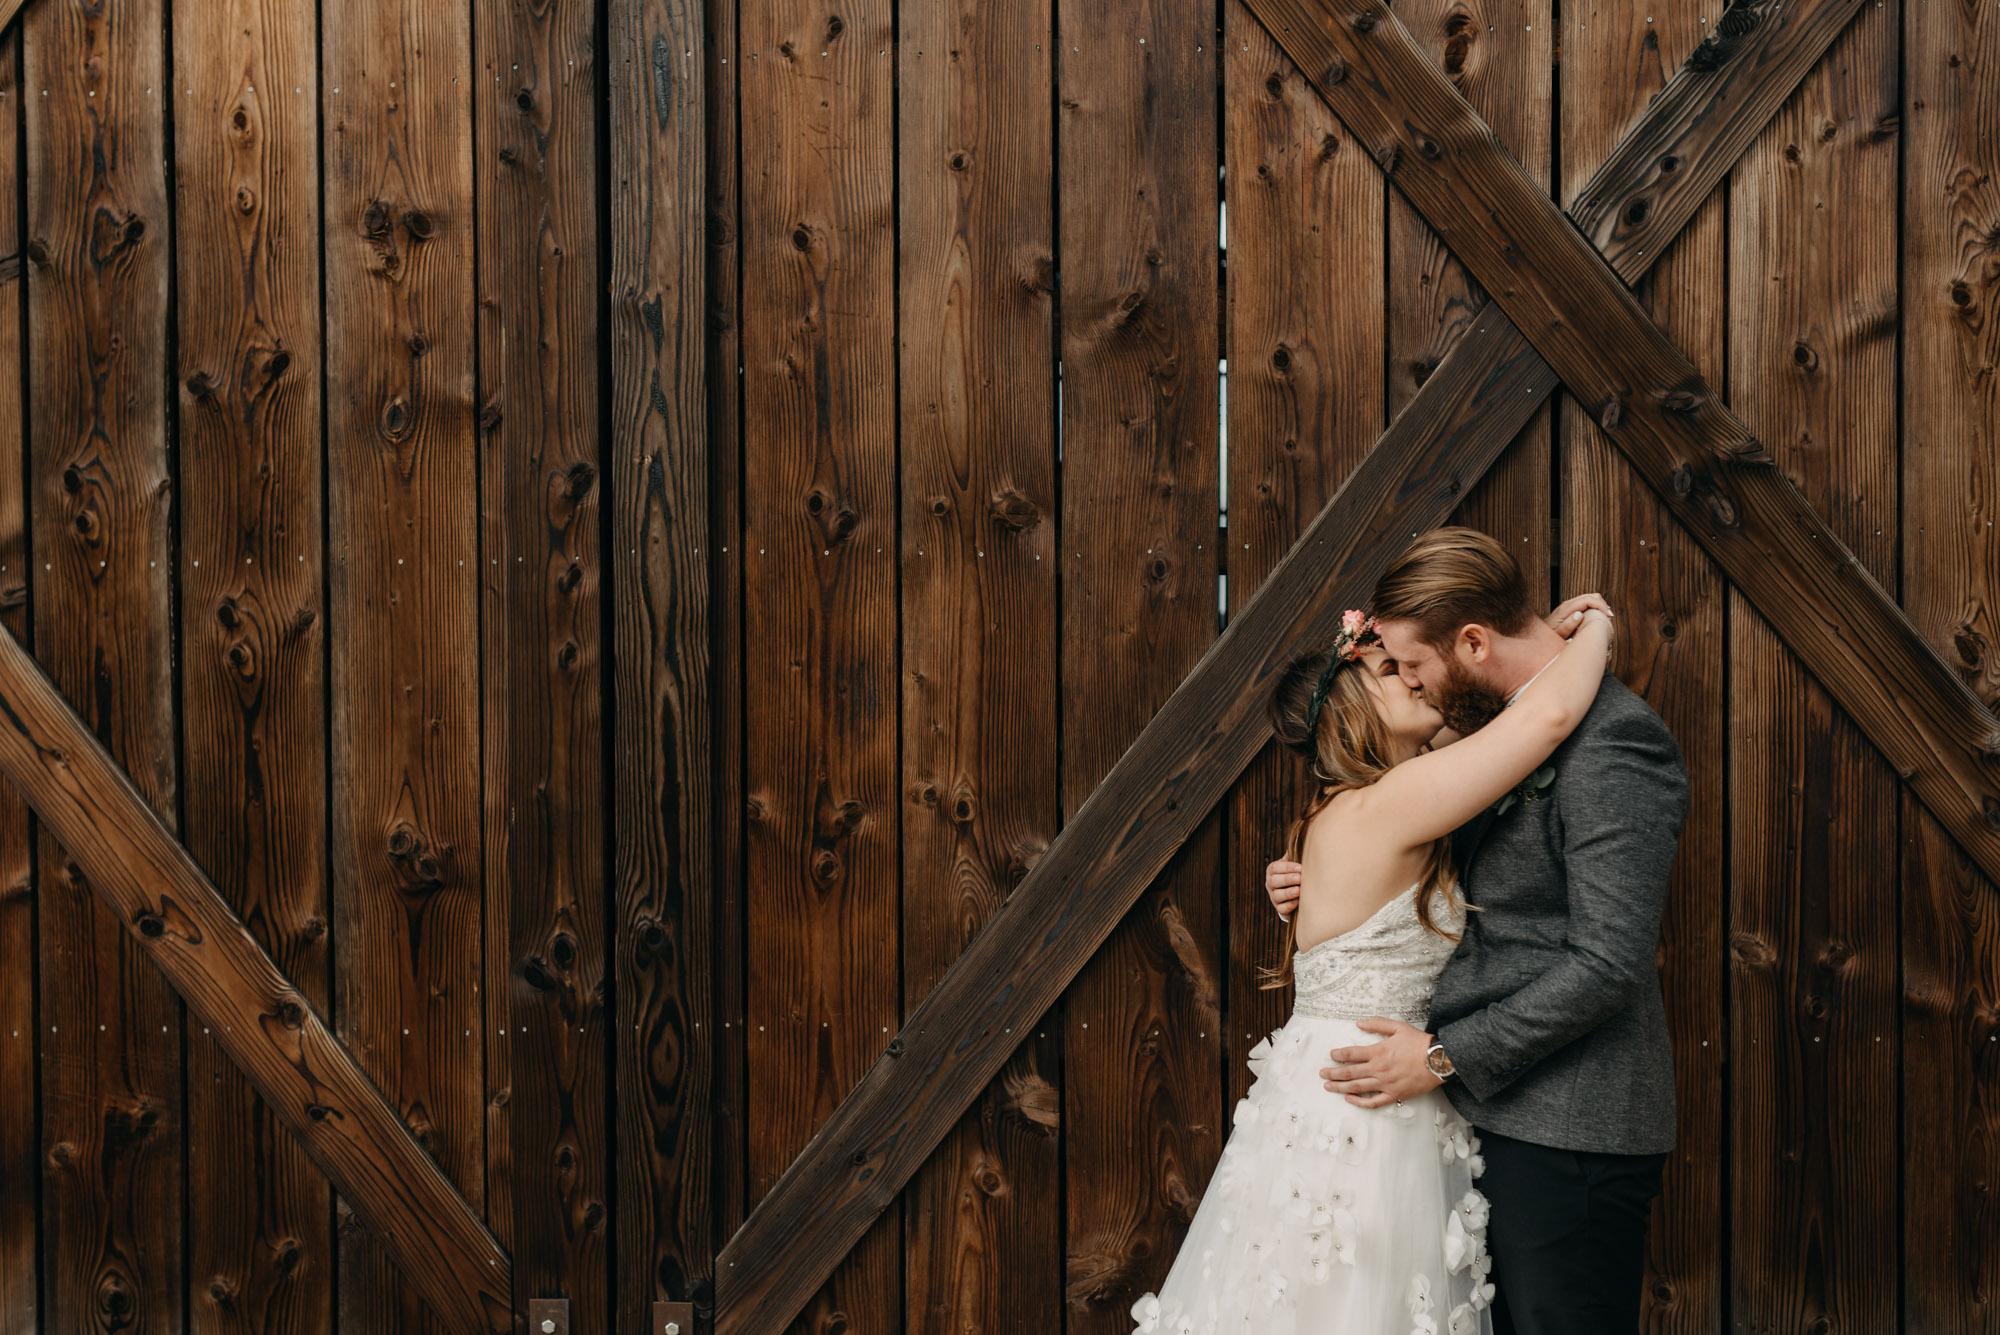 Outdoor-First-Look-Washington-Wedding-Barn-Door-8077.jpg